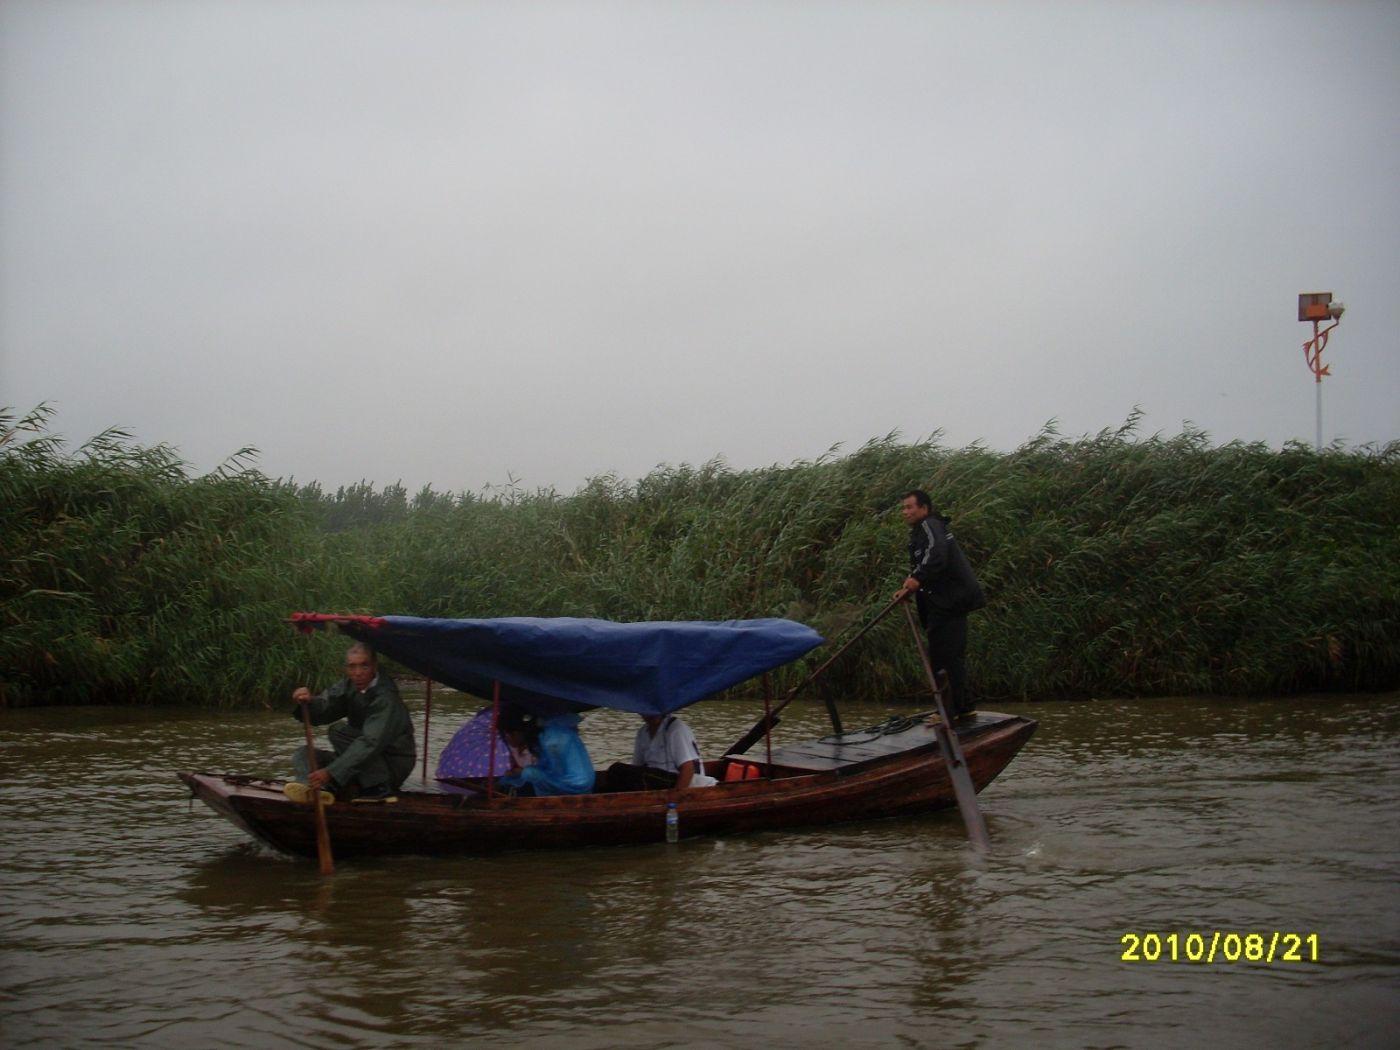 雨中畅游白洋淀_图1-22